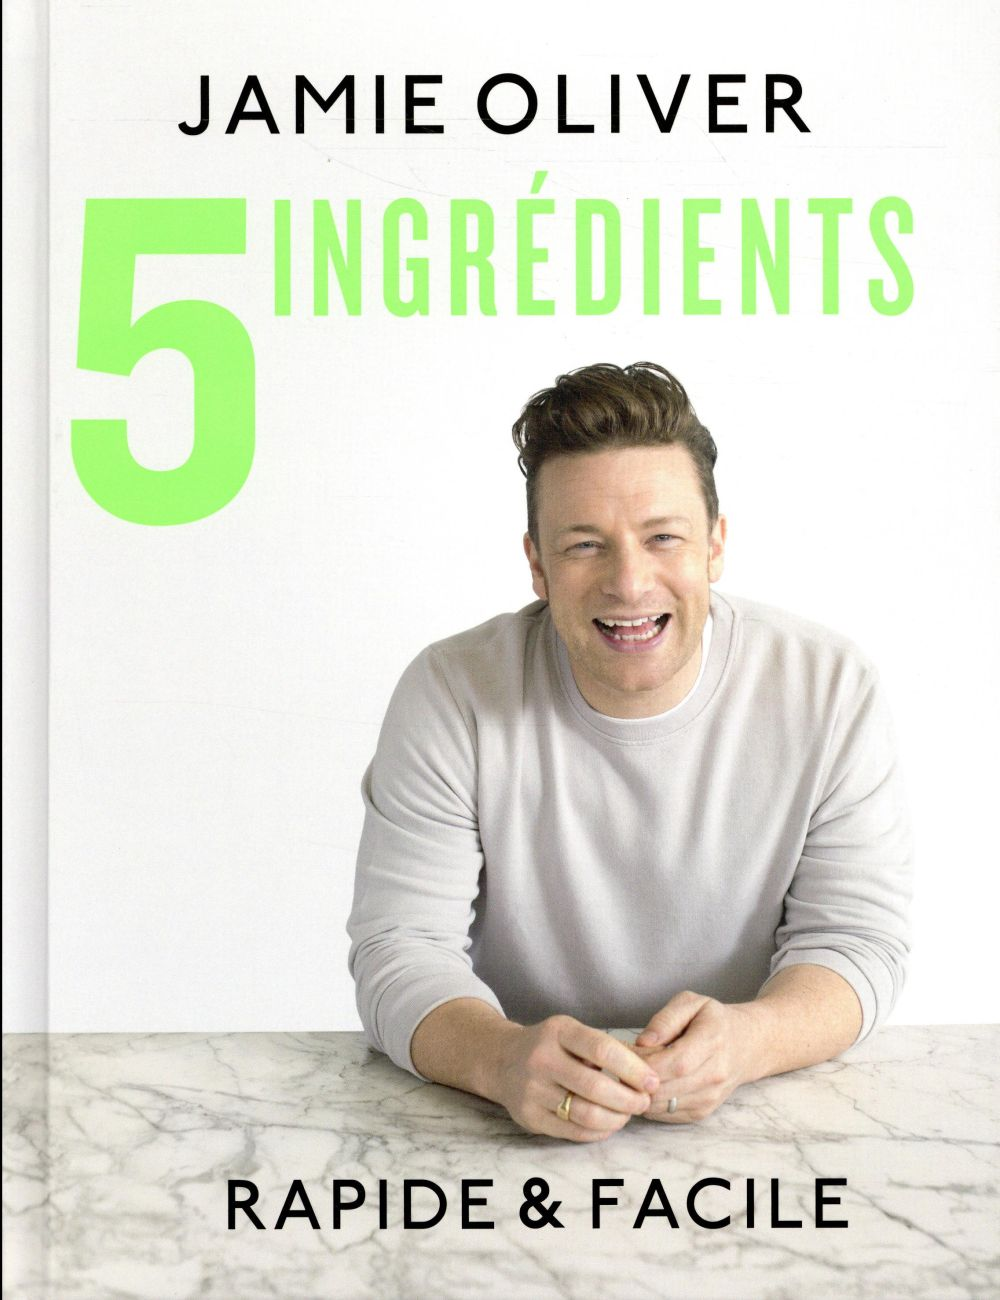 5 INGREDIENTS